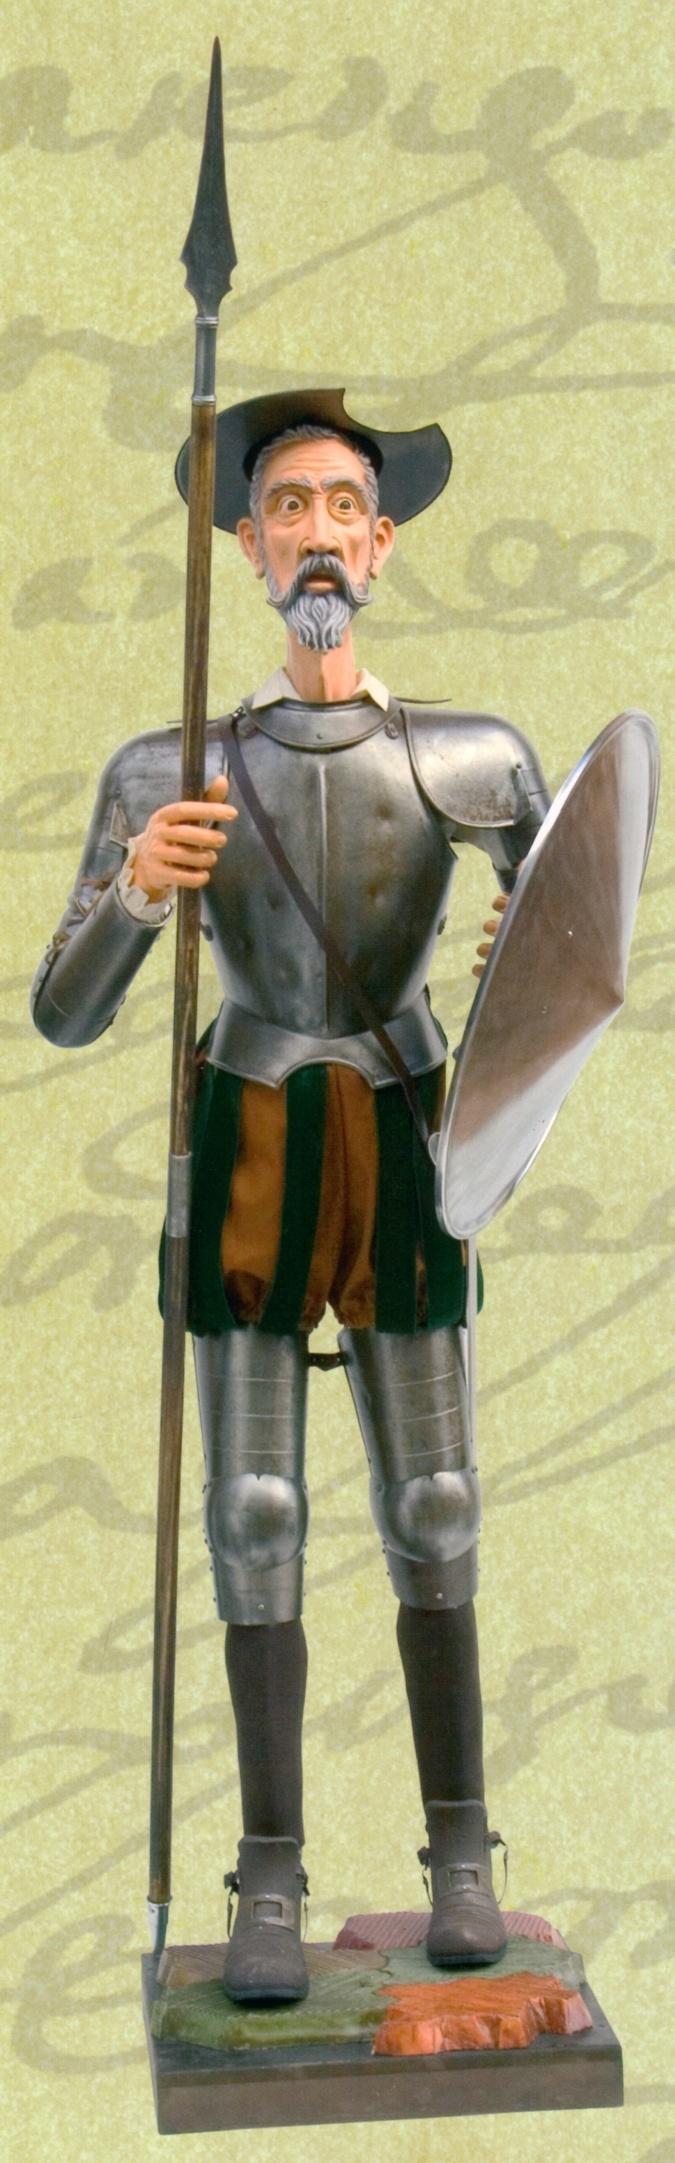 Armadura de Don Quijote por el IV Centenario de la publicación de esta novela